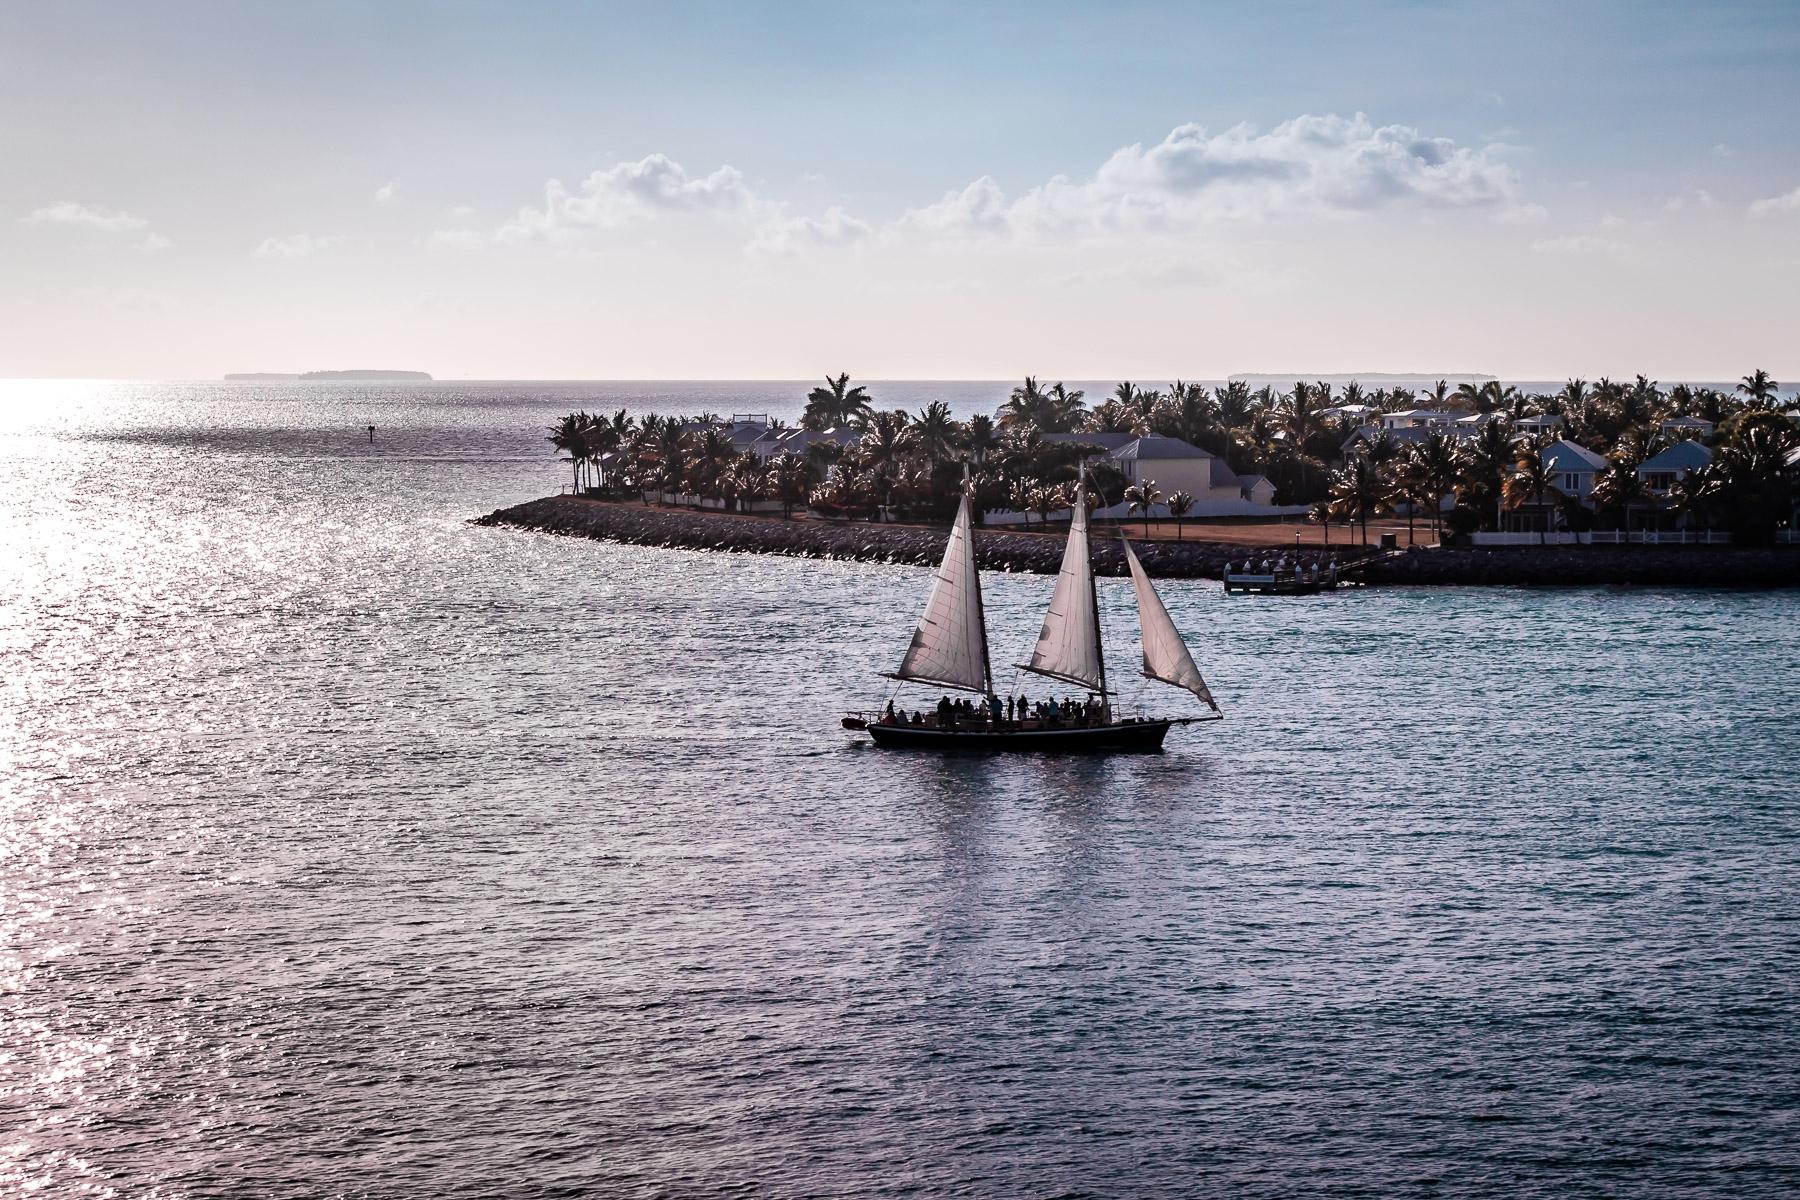 Sails sailboat sails harbor Key - mattgharvey | ello